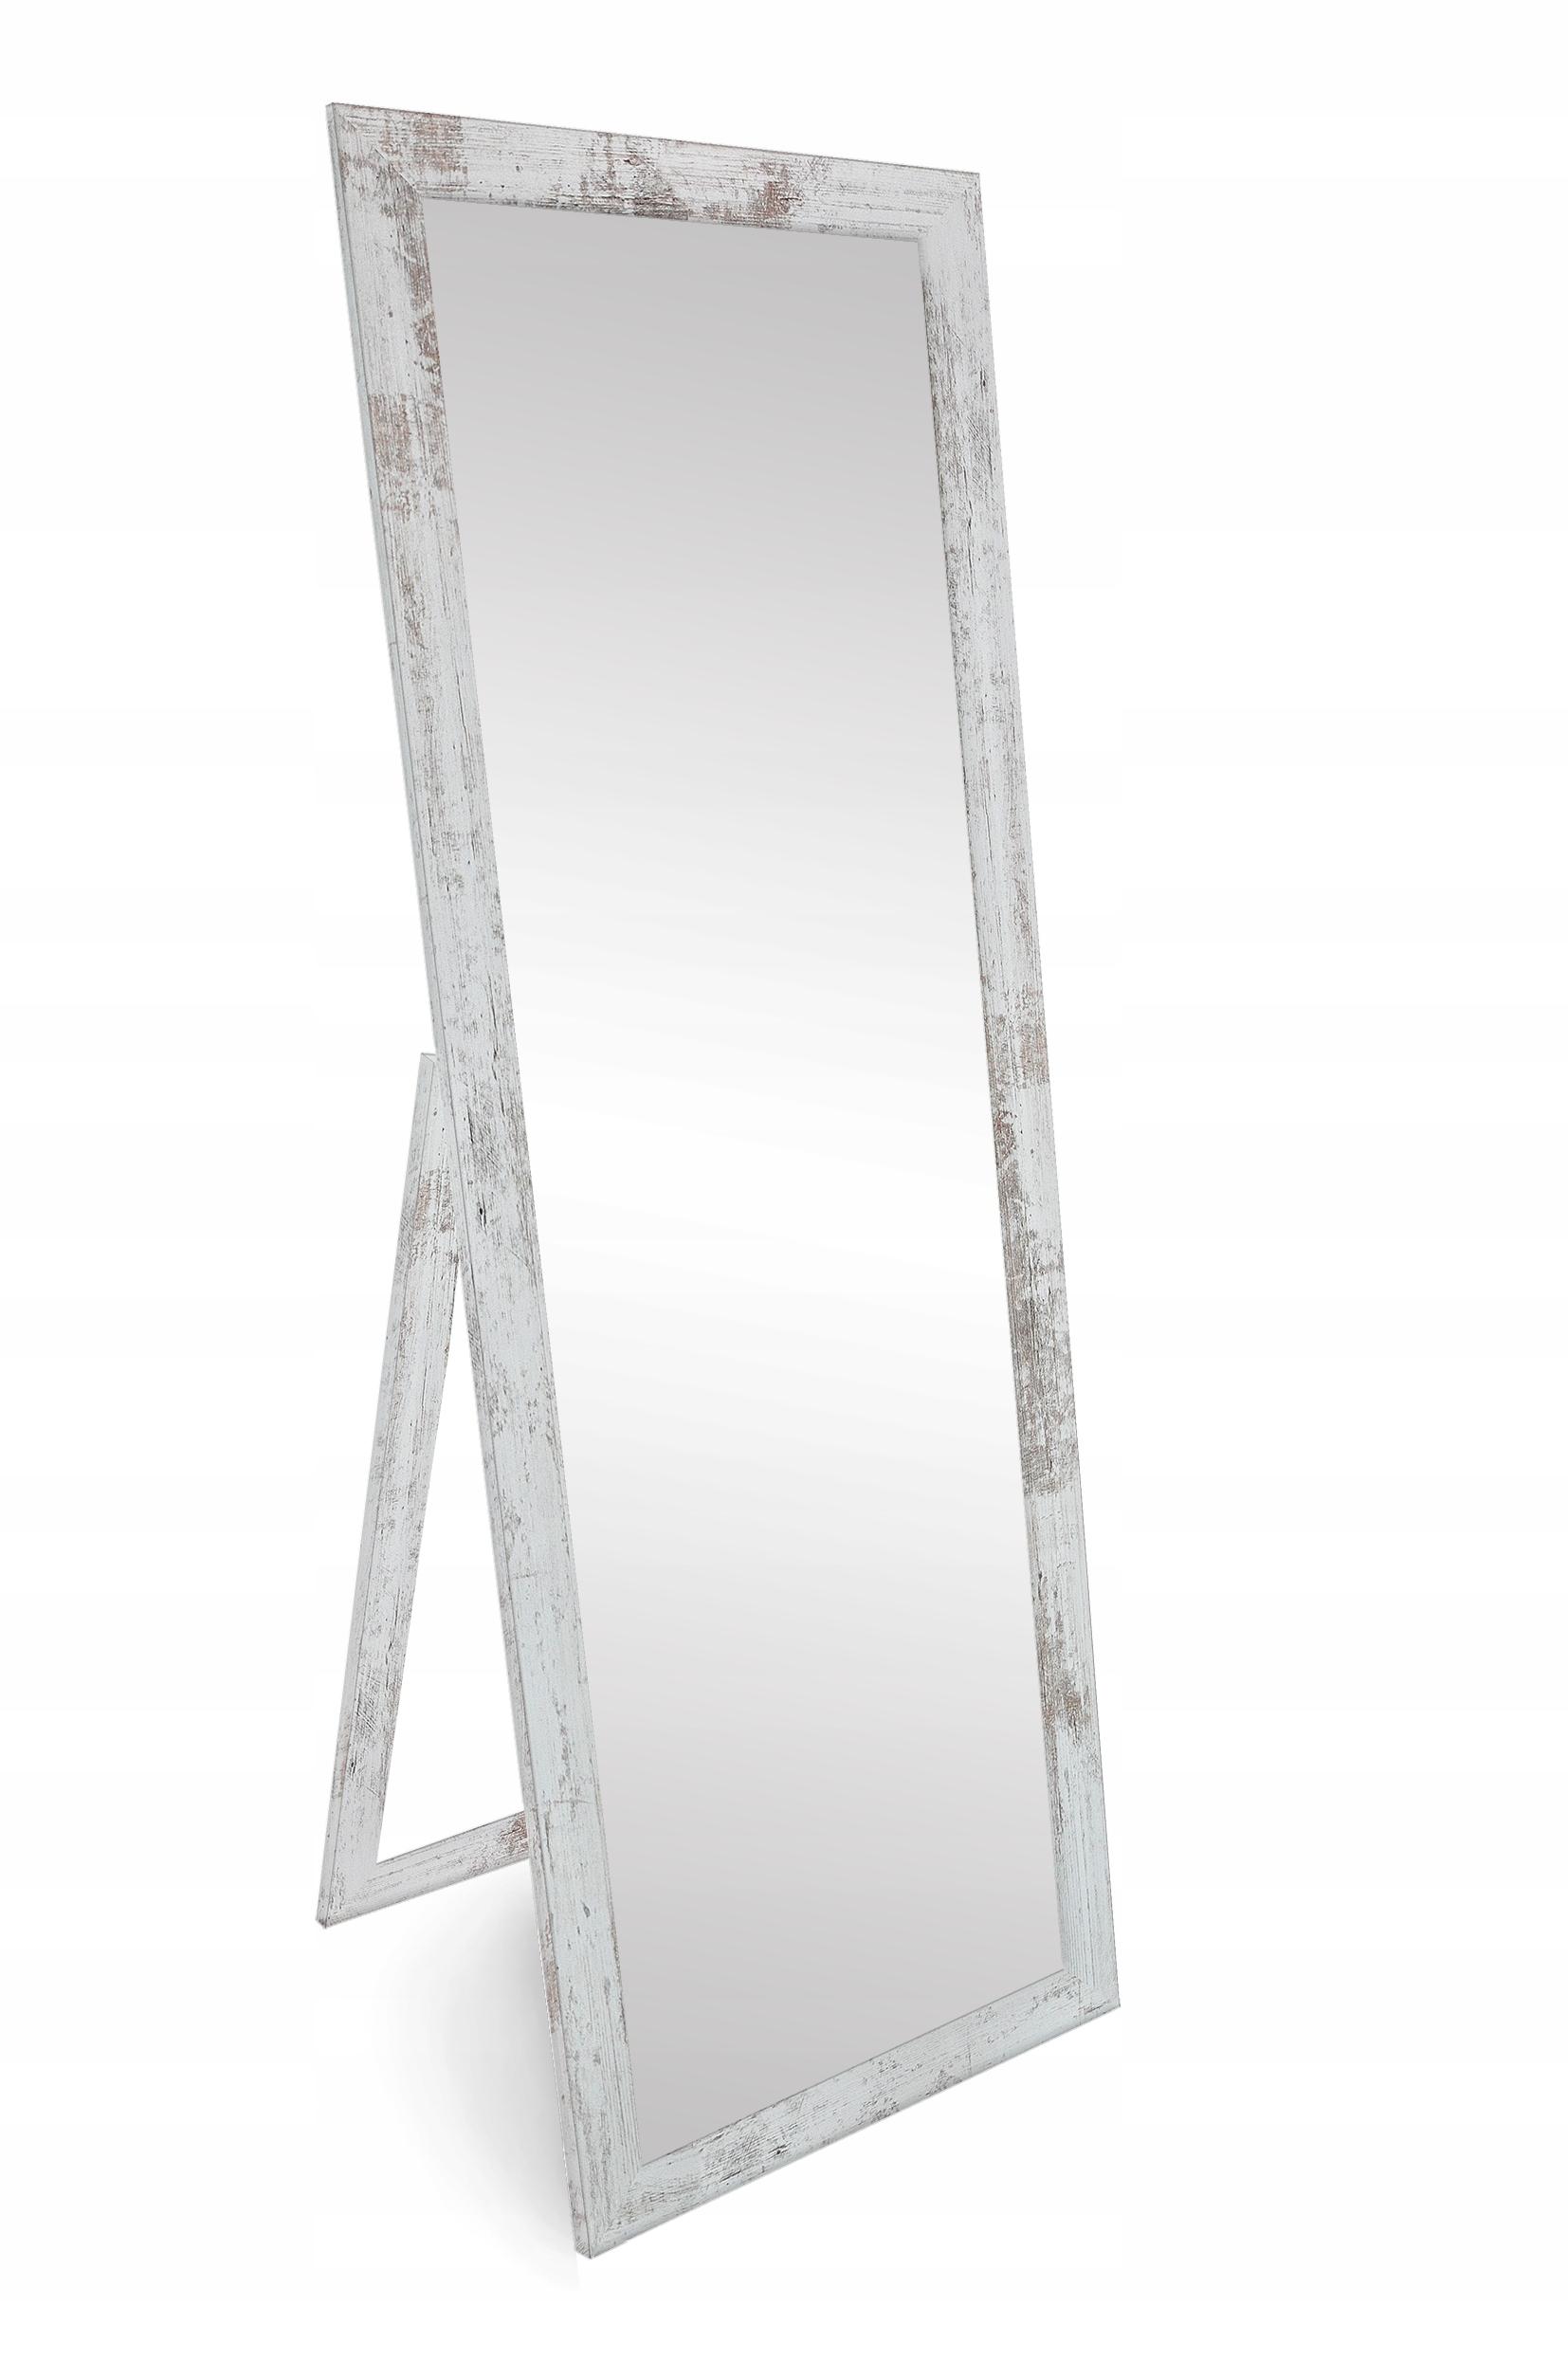 Stojace zrkadlo ošumelé elegantné 150x70 cm Škandinávskych